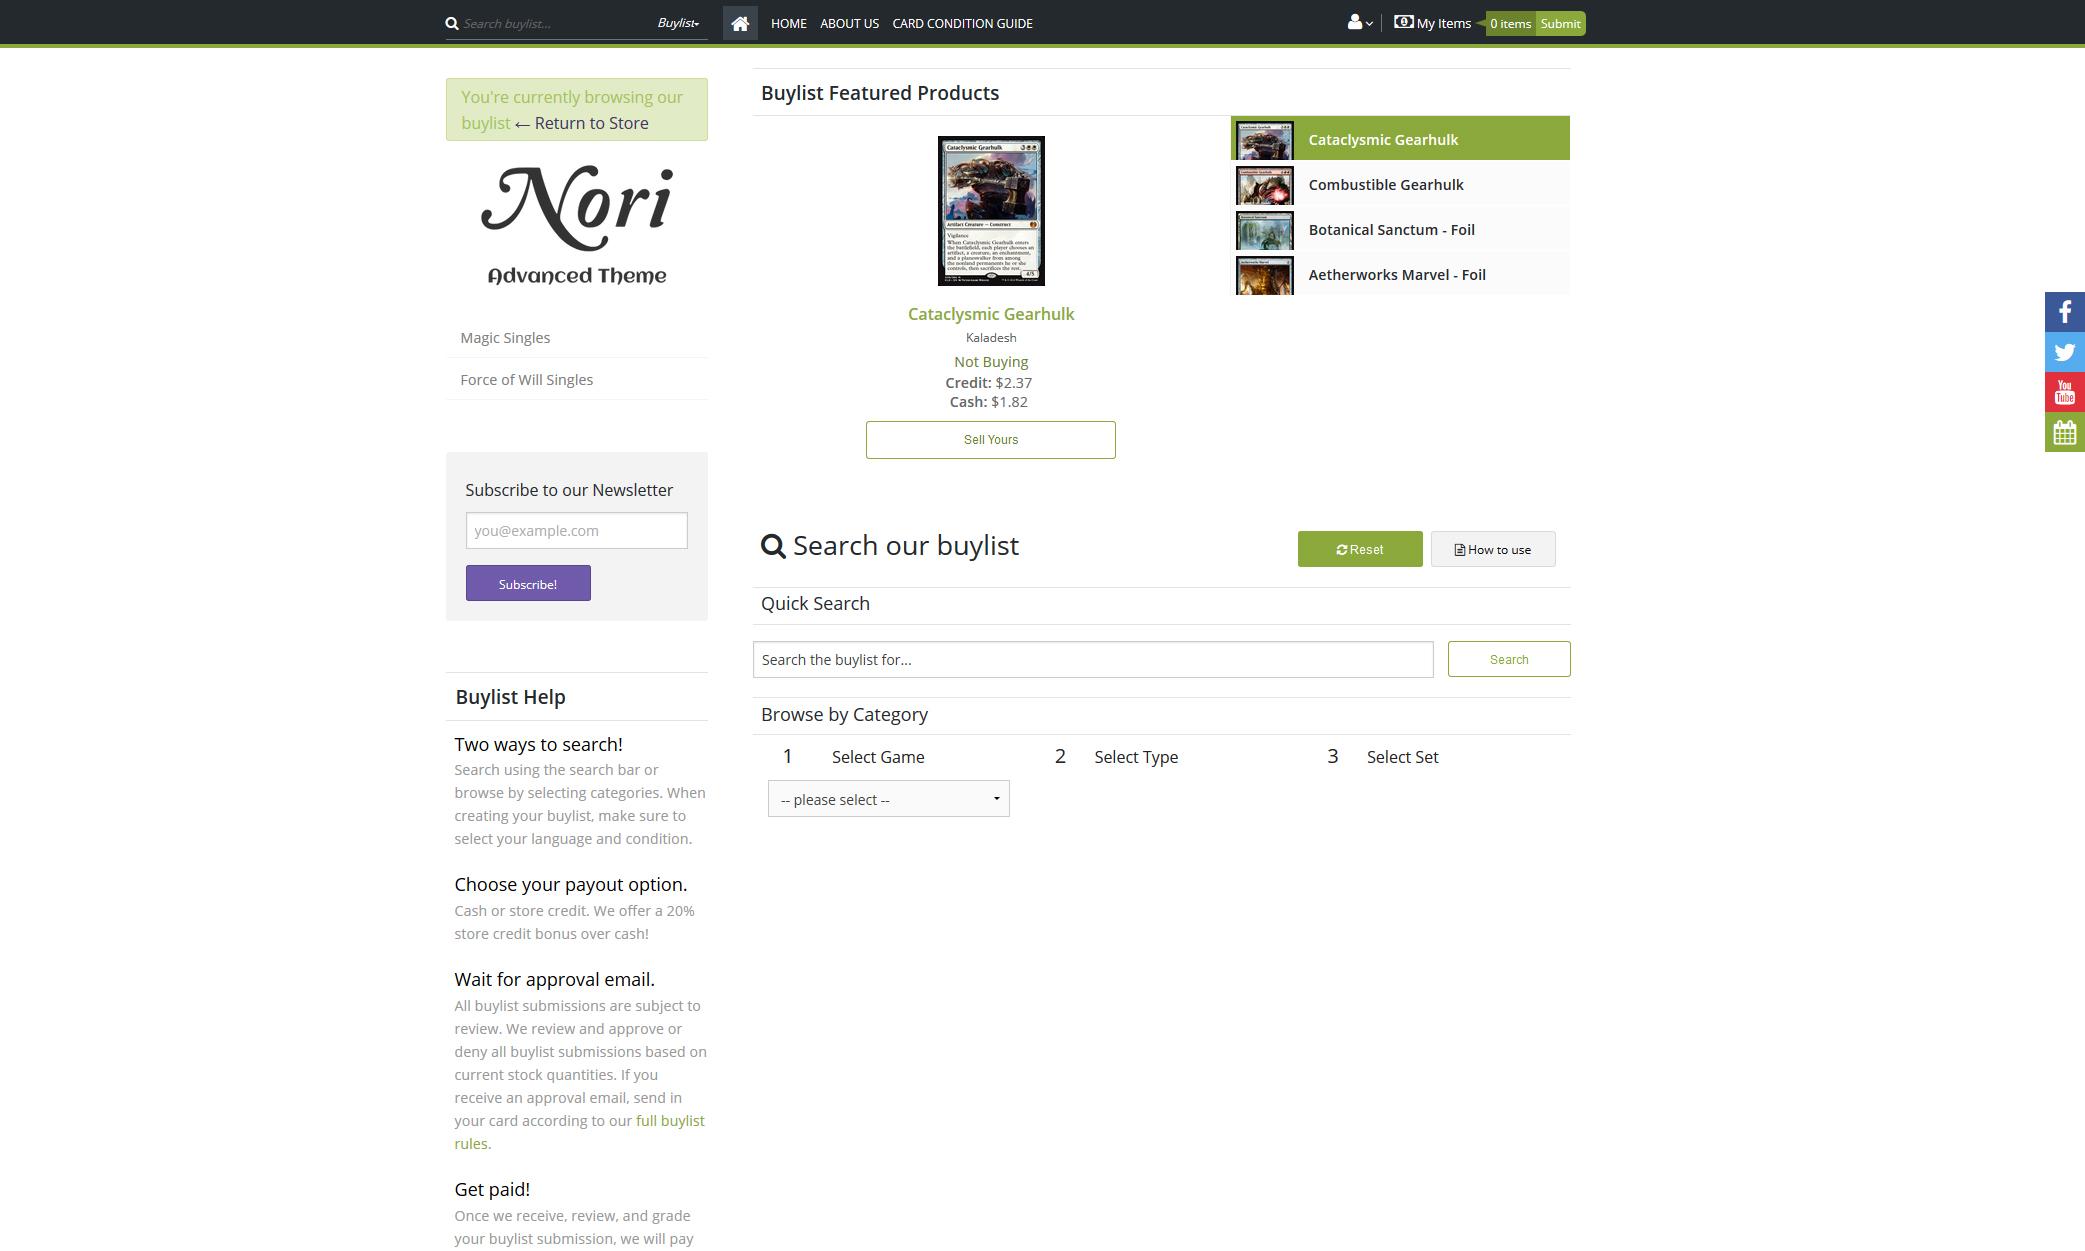 Nori - Premium Theme